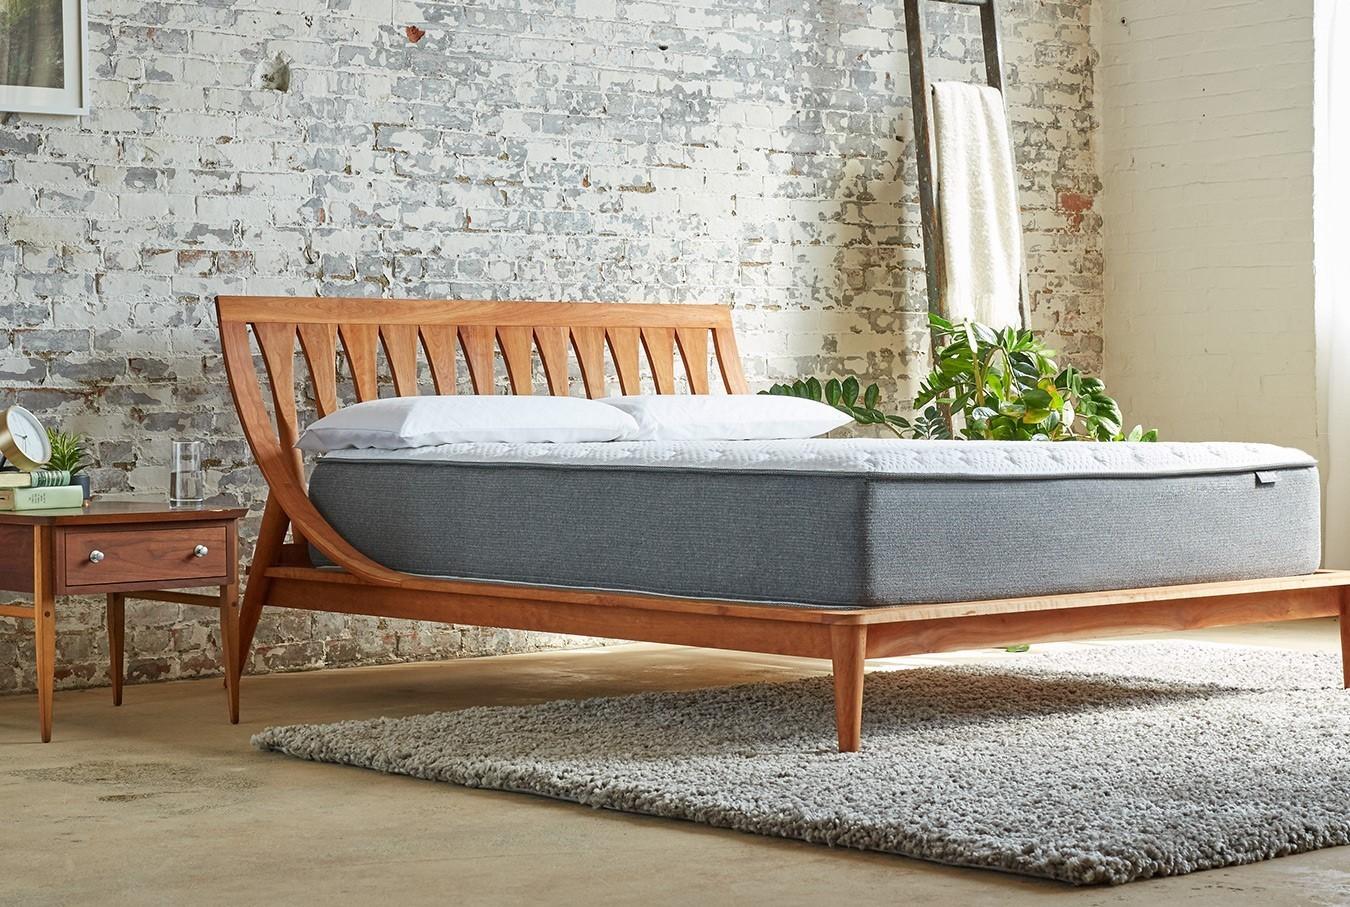 Aviya mattress in a bedroom